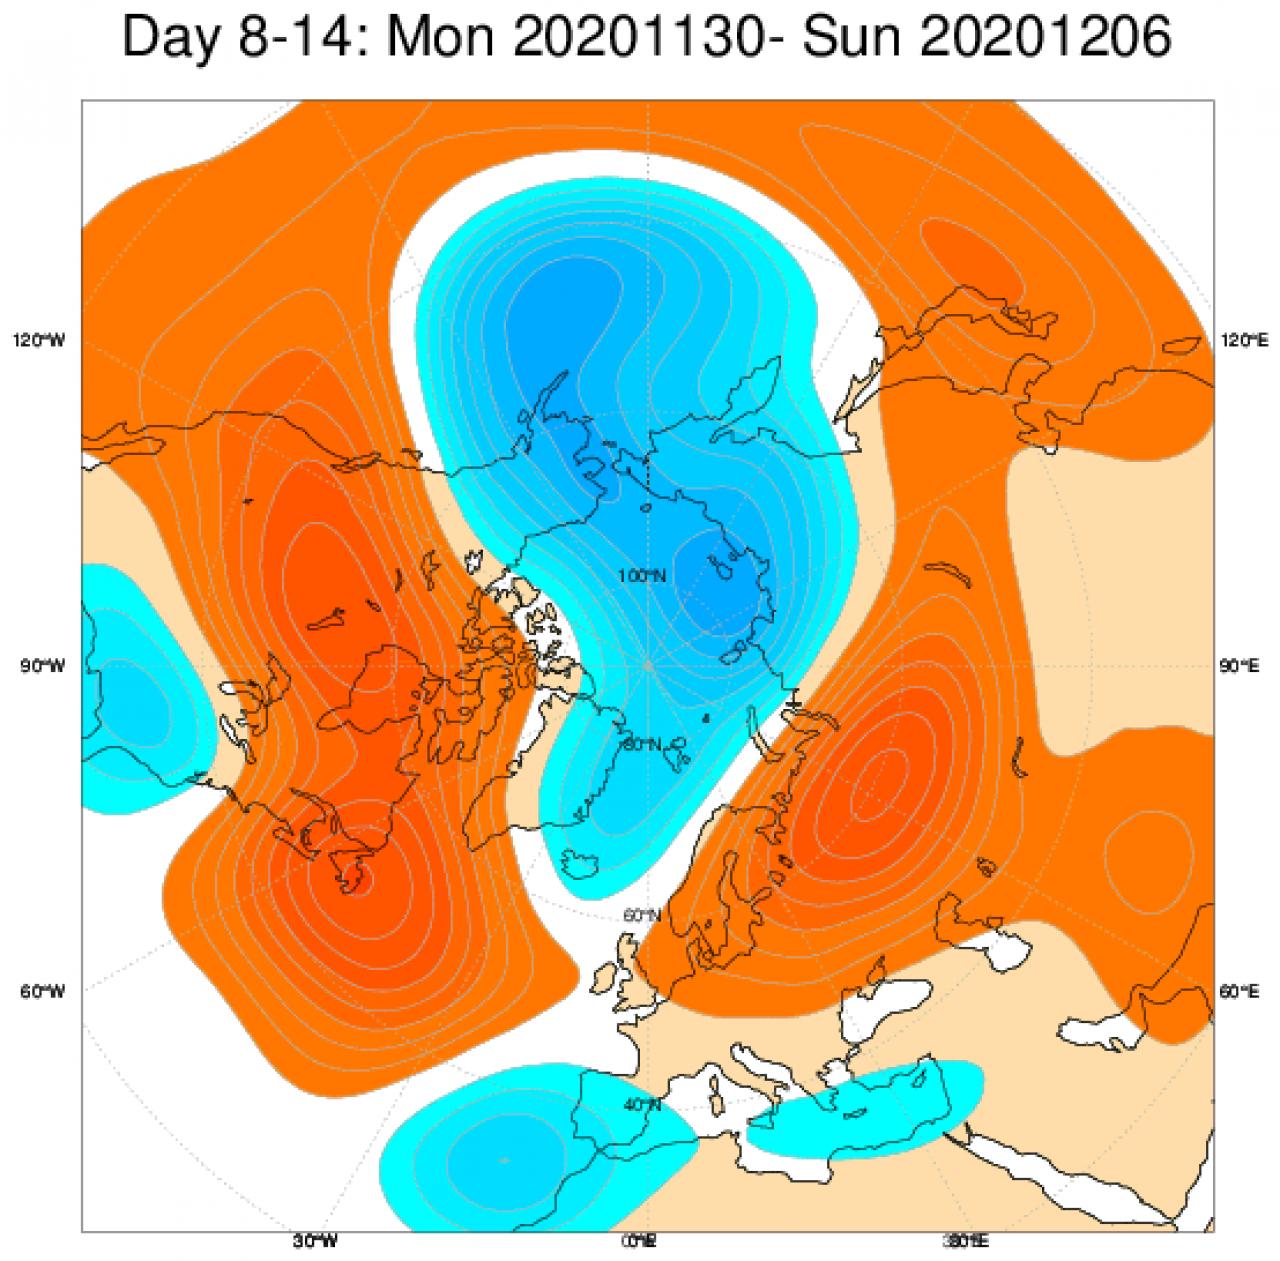 Anomalie geospaziali secondo ECMWF in Europa in media nel periodo dal 30 novembre al 6 dicembre